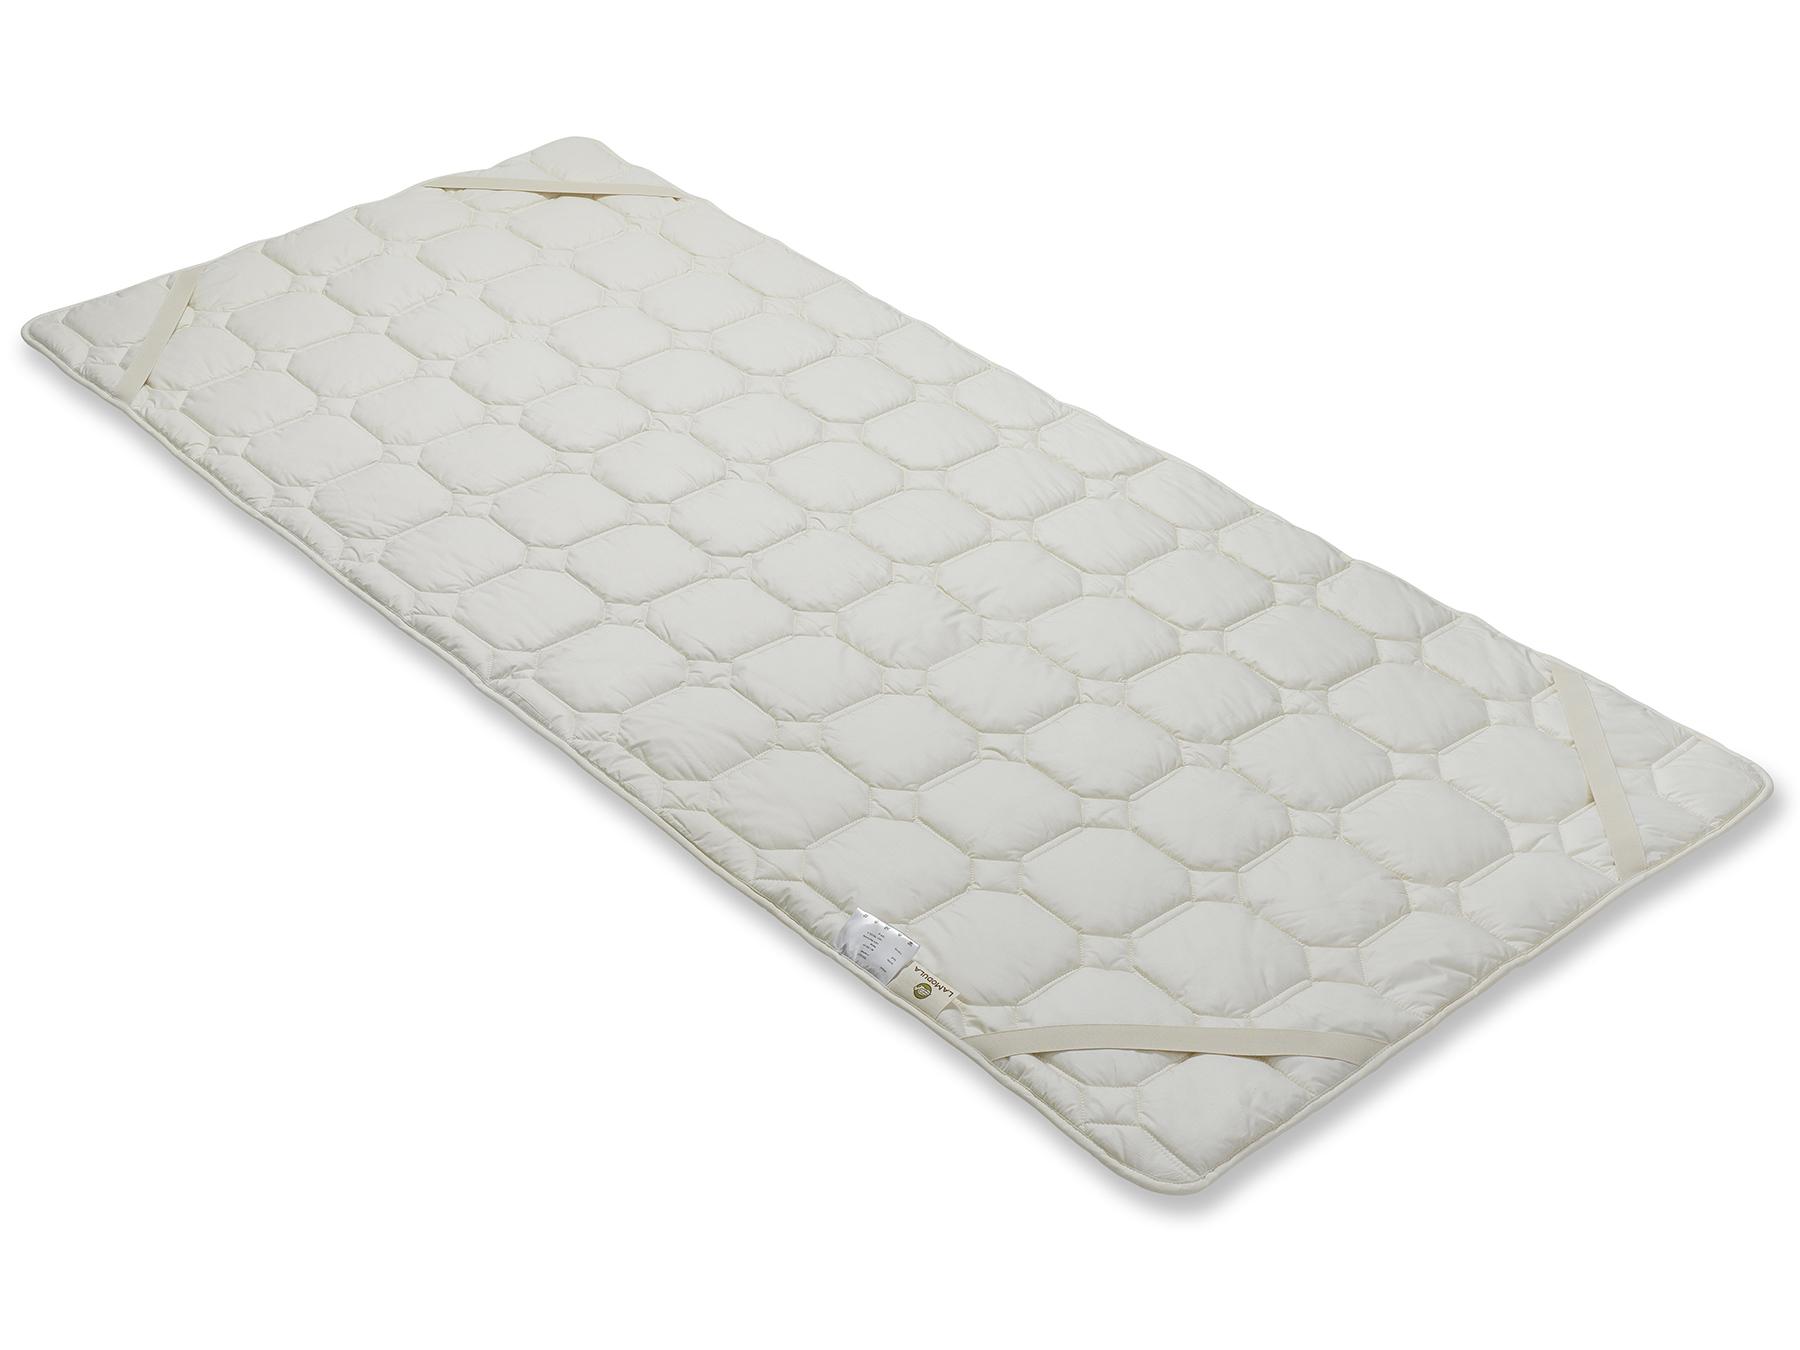 Mit vier praktischen Schräggummibändern wird der Matratzenschoner an der Matratze befestigt.